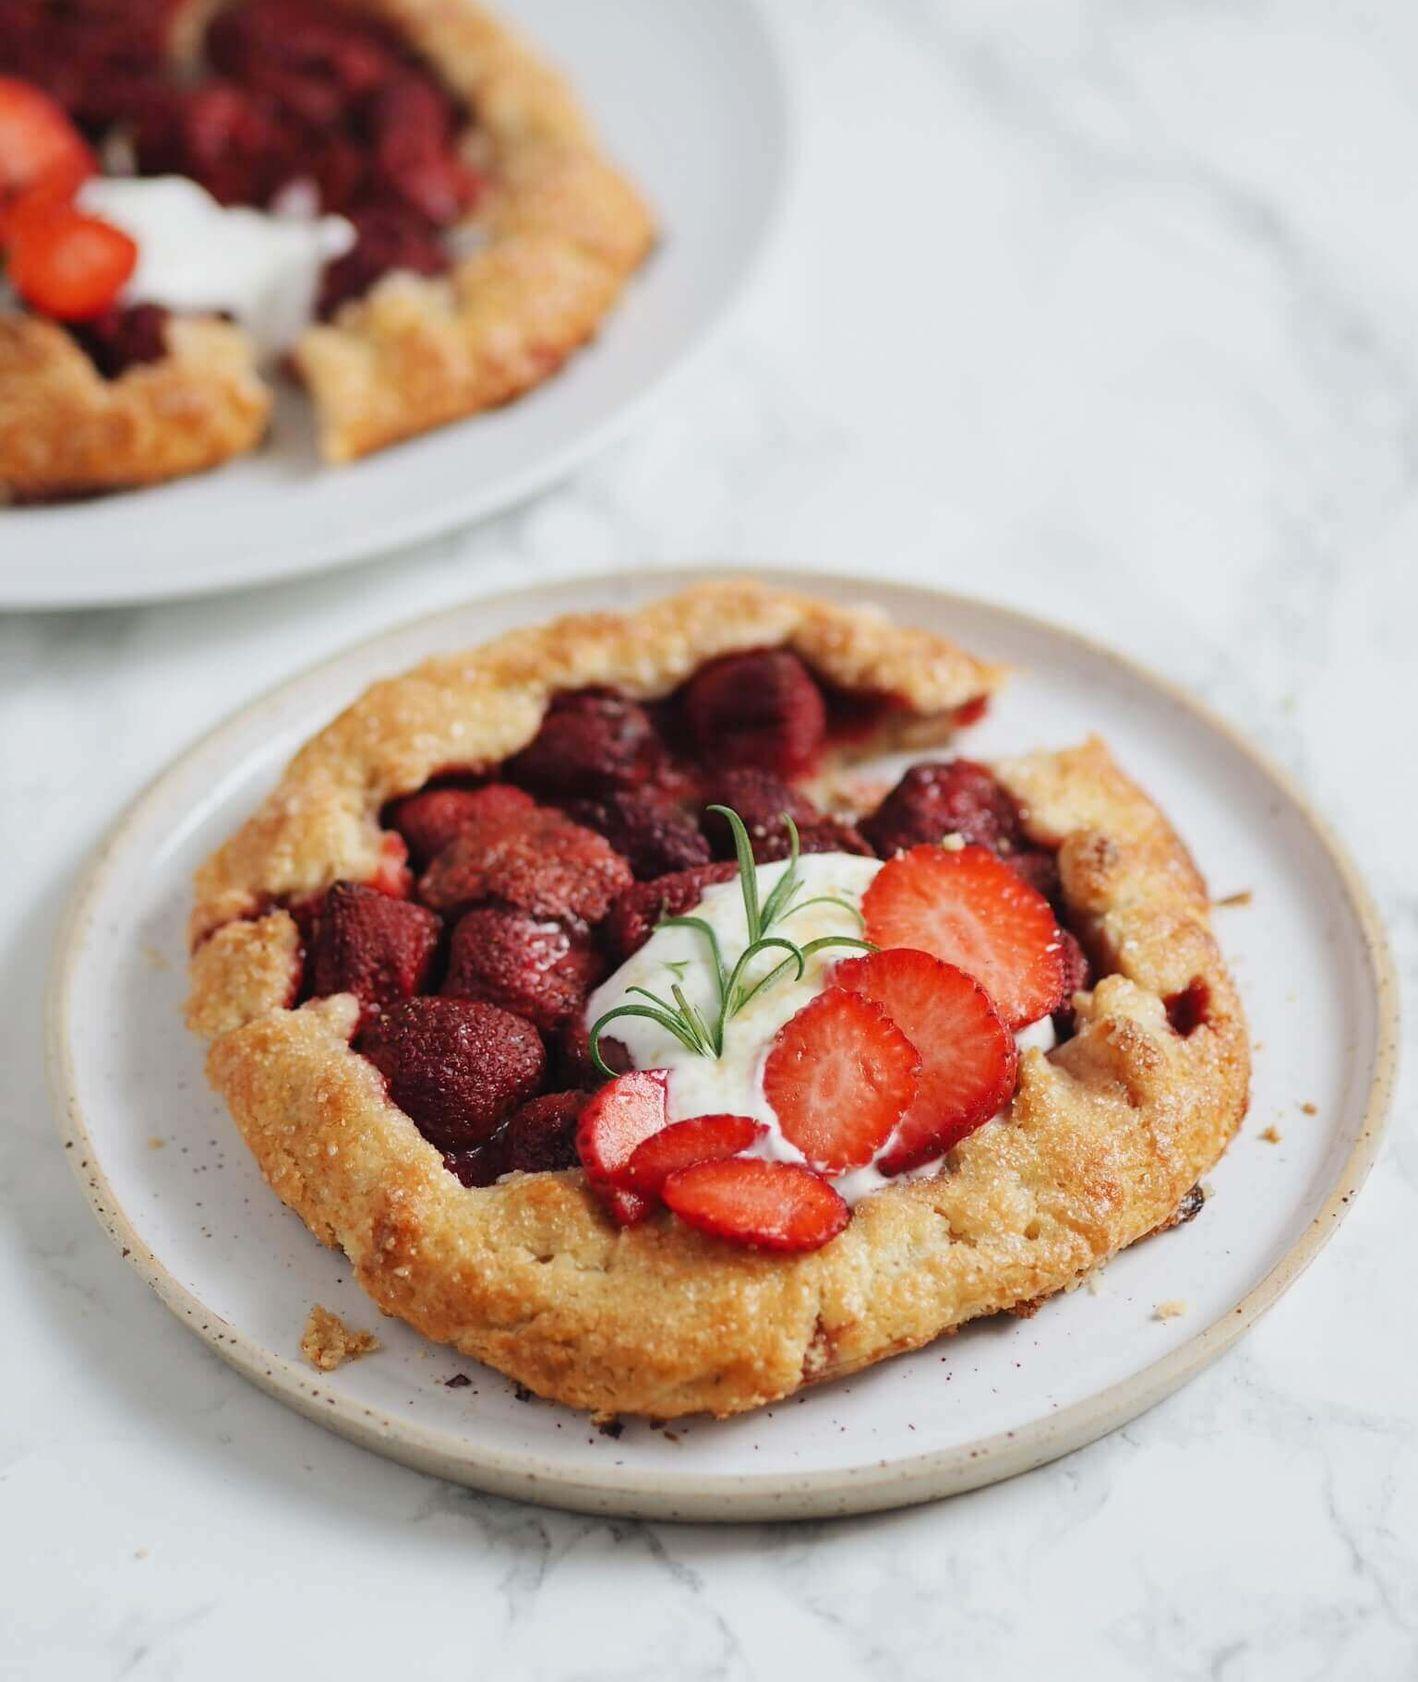 tarta migdałowa, tarta galette z truskawkami, przepis Jagłowska, ciasto z truskawkami, rozmaryn, proste ciasto, kruche ciasto